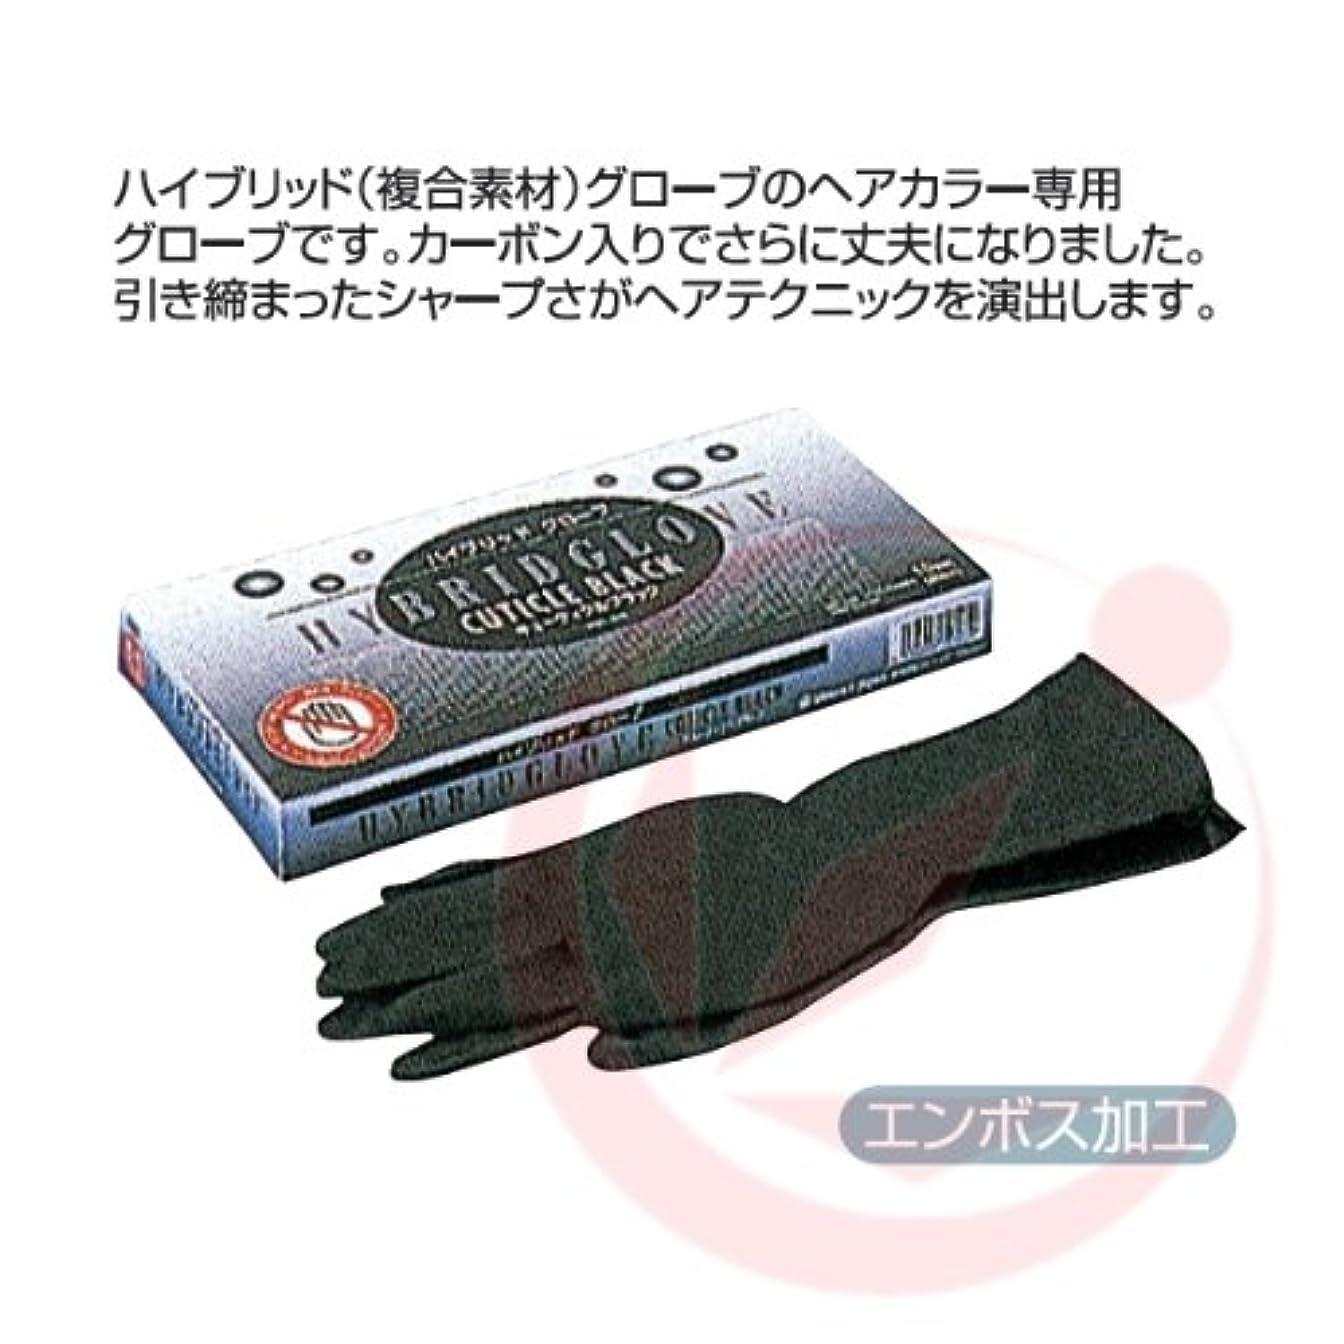 ゴミアルバムゴシップハイブリッドグローブキューティクルブラック S